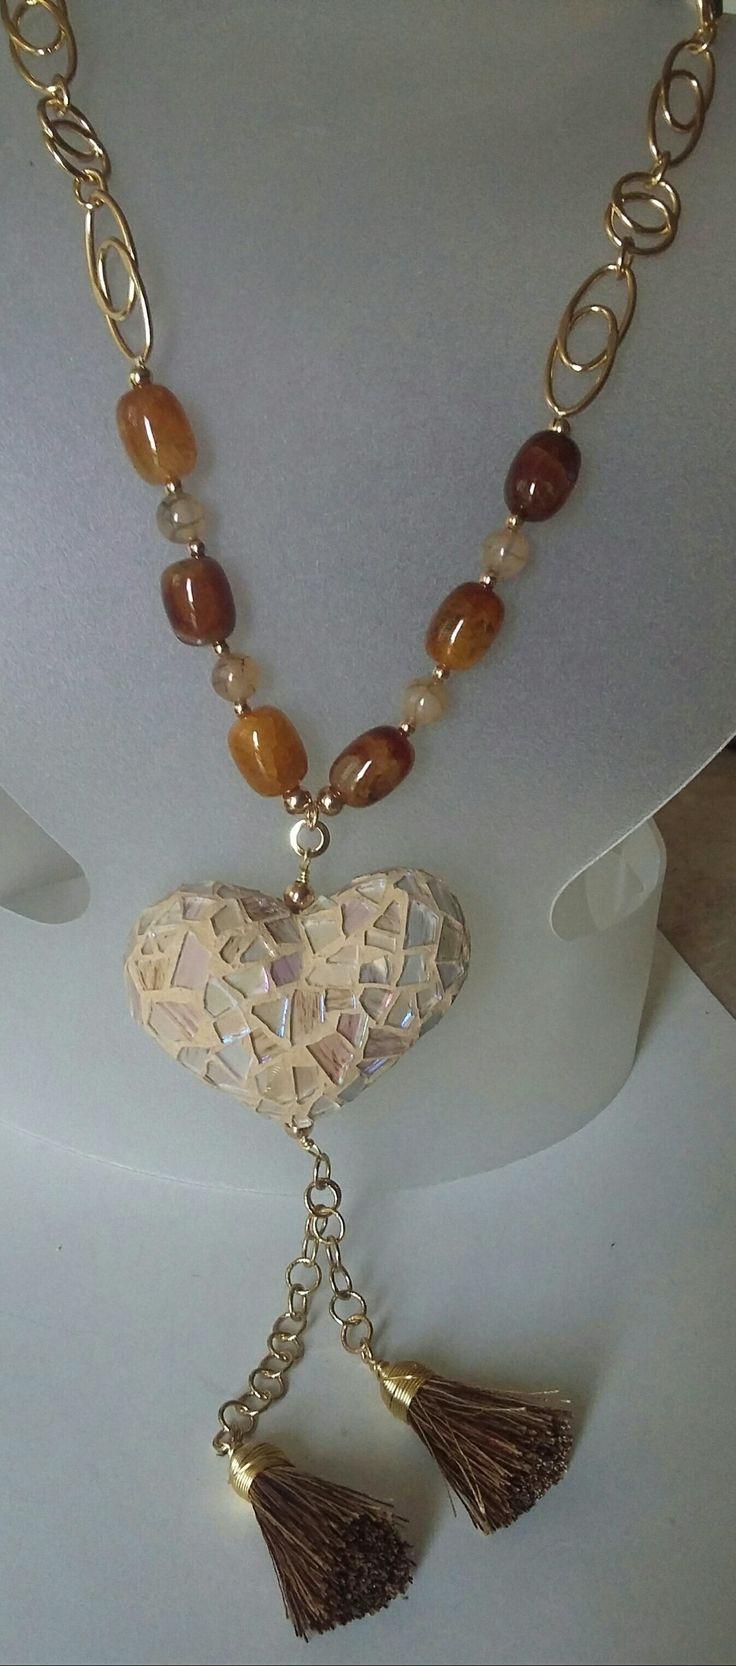 f3861a458805 Collar largo de Creaciones Little Flower. Bisutería fina 100% artesanal.   Bisuteria